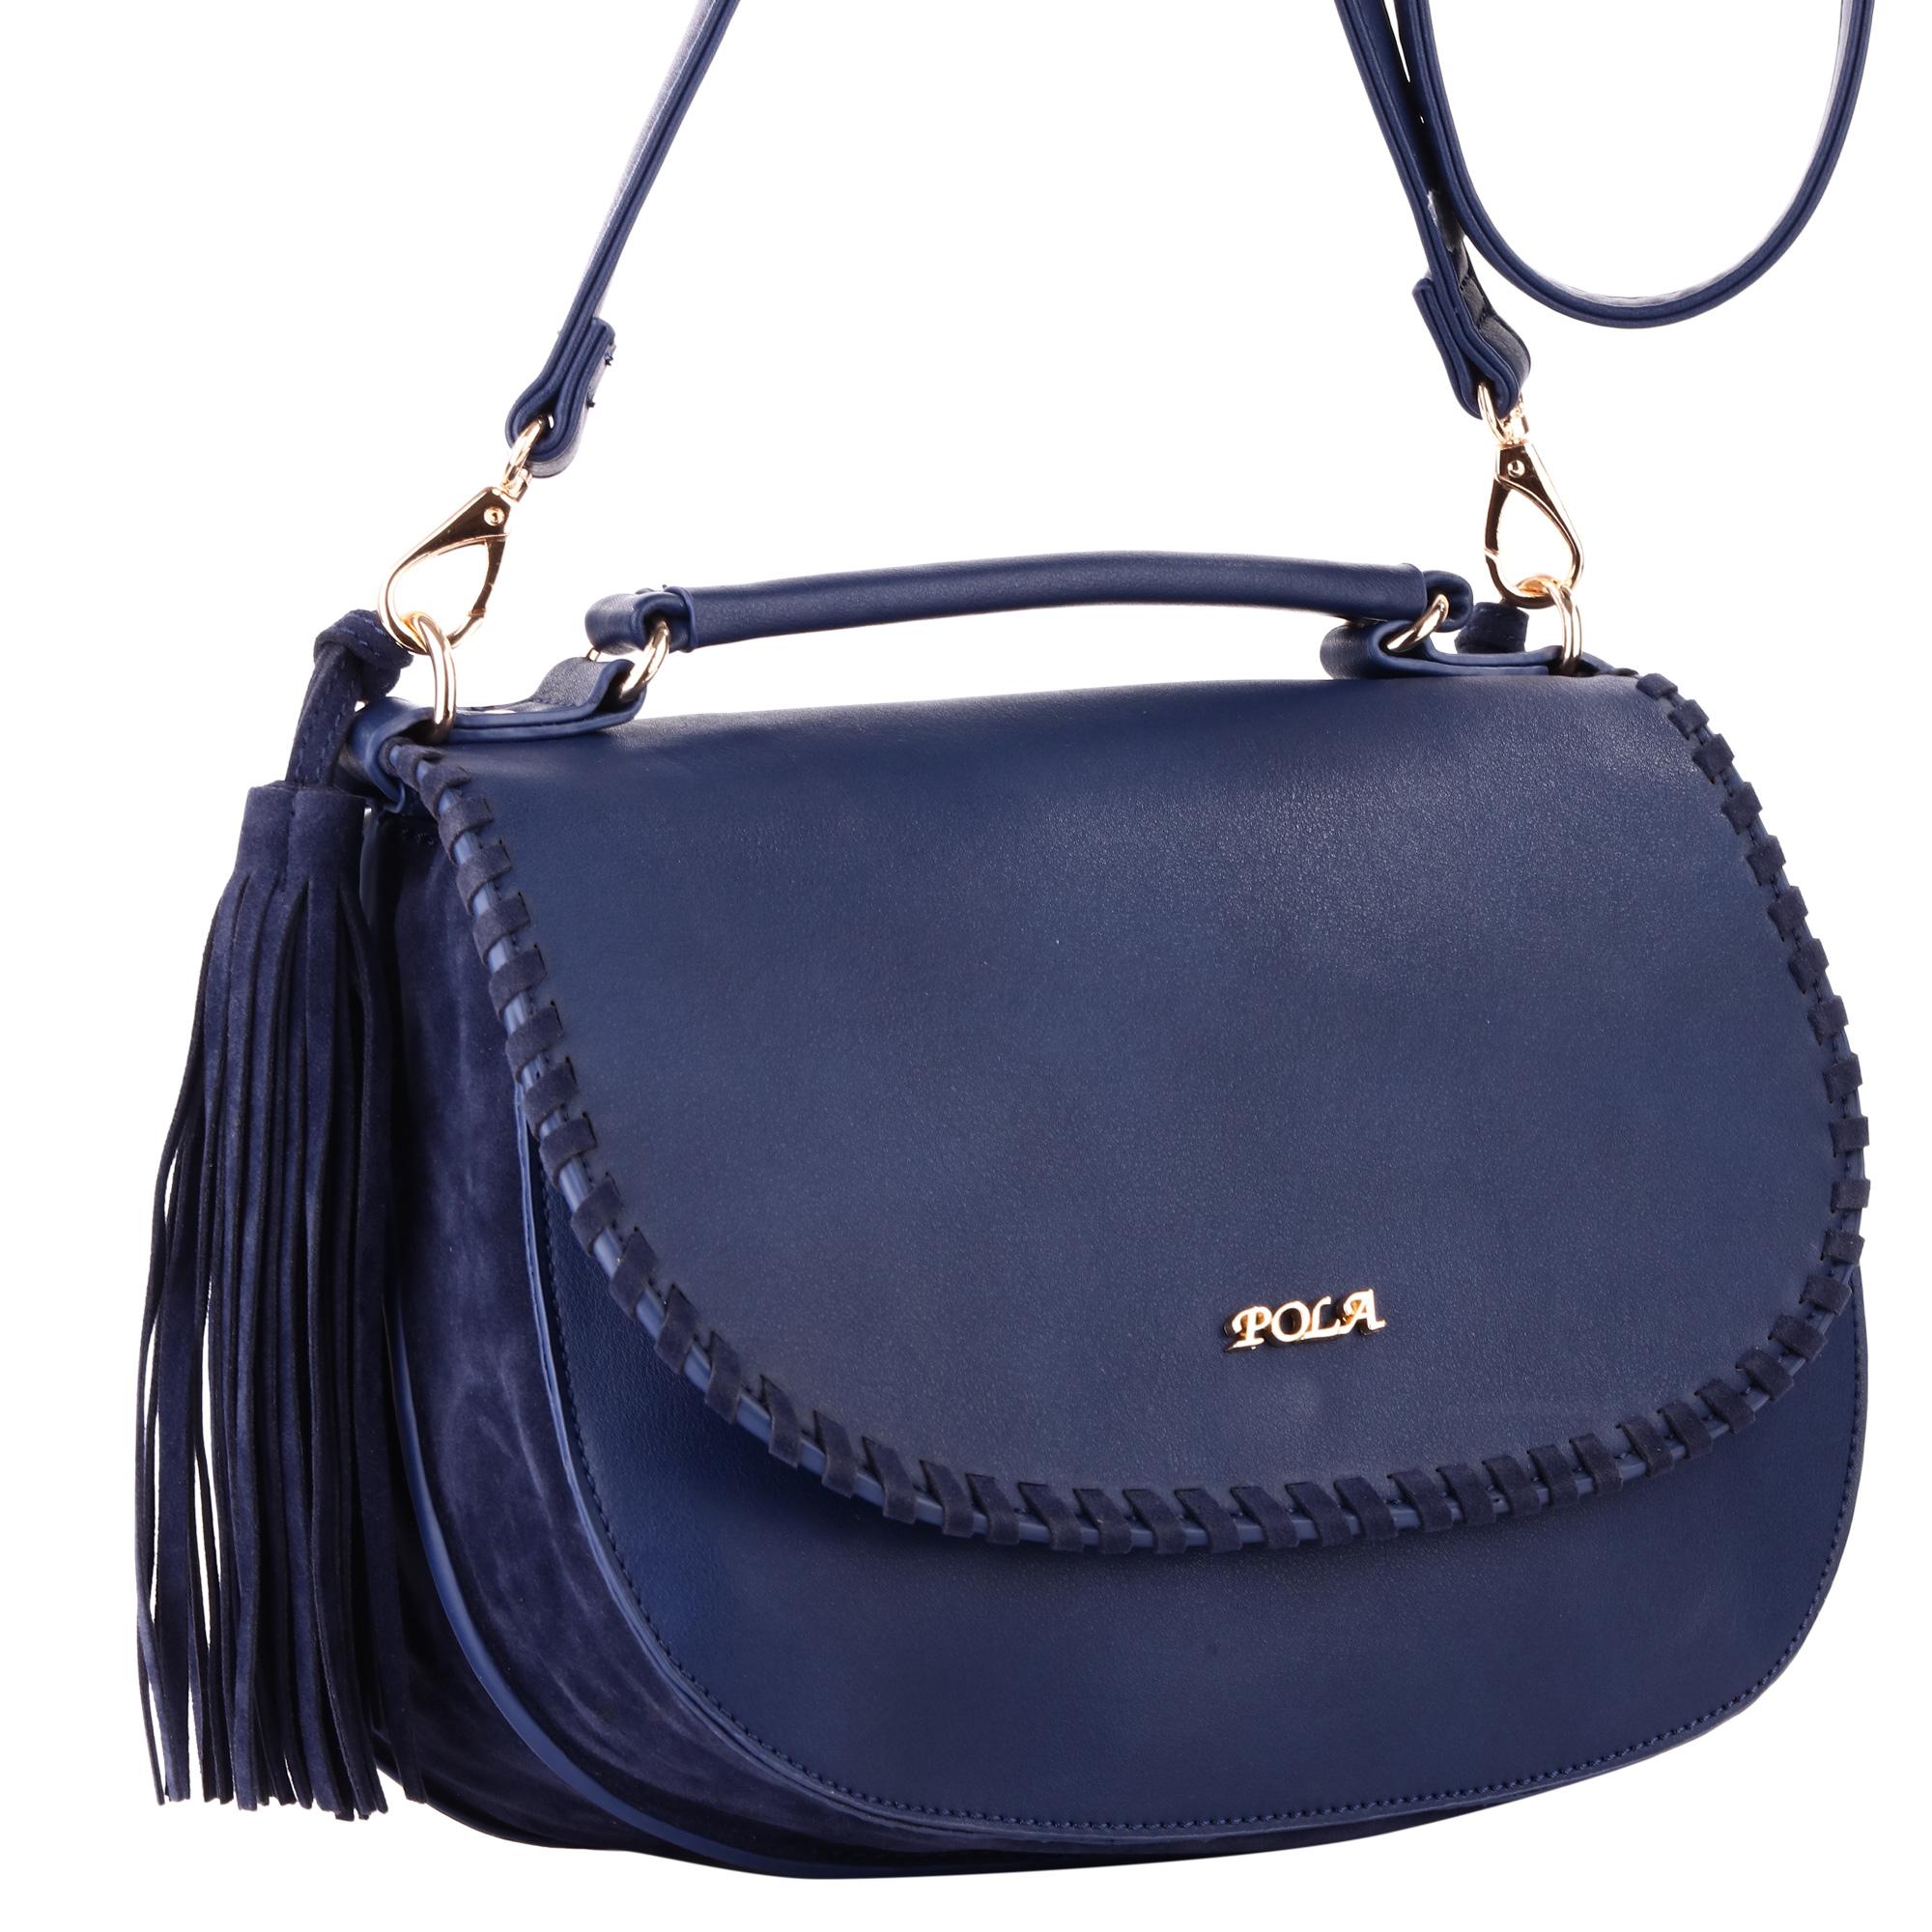 Сумка женская Pola, цвет: синий. 441410130-11Женская сумка Pola выполнена из экокожи. Состоит из двух независимых отделений, каждое из которых закрывается клапаном на магнитной кнопке. Клапаны расположены на внешнюю и внутреннюю стороны сумки. Внутри два открытых кармана и один небольшой карман на молнии. В комплекте съемный плечевой ремень, регулируемый по длине, максимальная высота 66 см. Высота ручки - 5 см. По бокам сумка украшена крупными кистями. Цвет фурнитуры - золото.